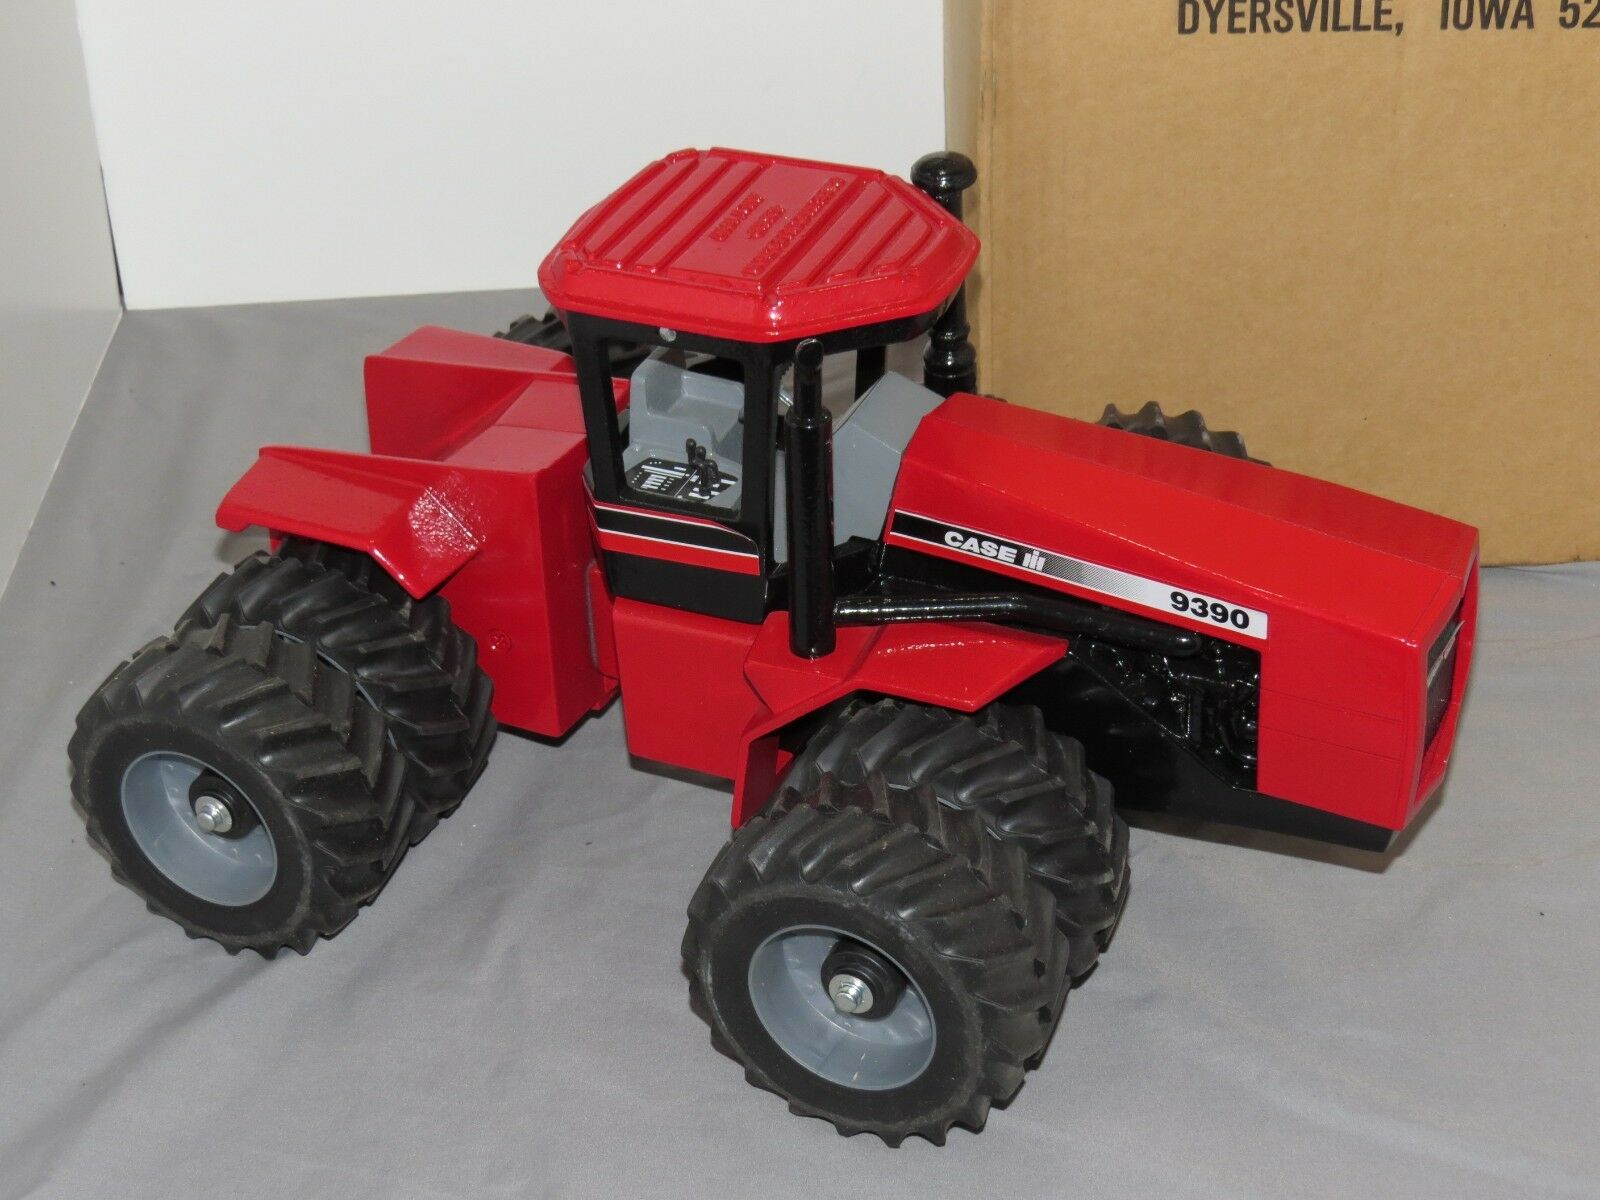 VINTAGE CASE Steiger 9390 jouet tracteur échelle 1 16 Modèles CASE IH 4x4 avec graisse pneus